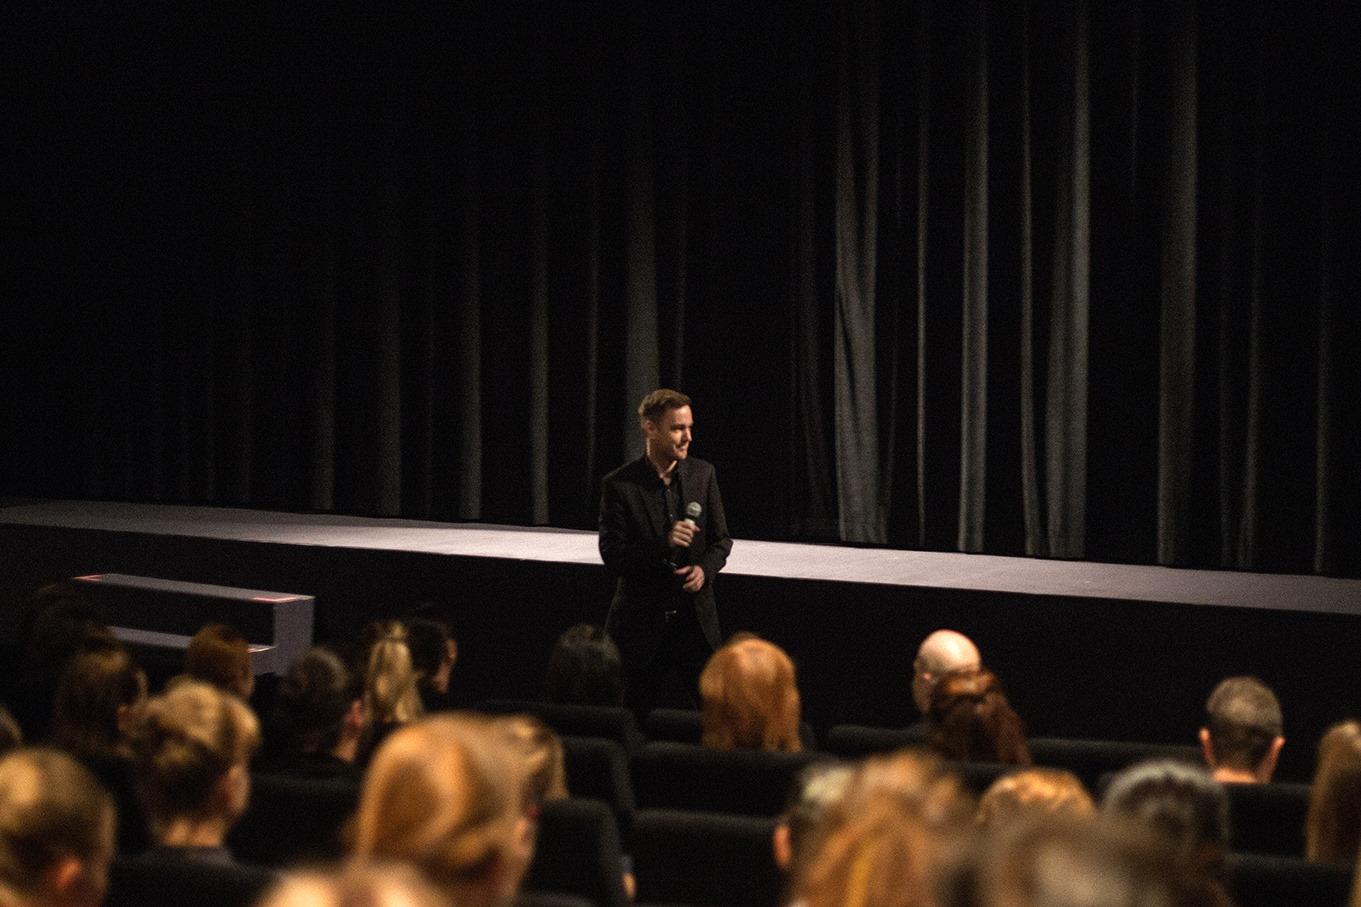 4. 9. 2018 <br> kino Světozor <br> úvodní slovo ředitele školy Radka Blaháka